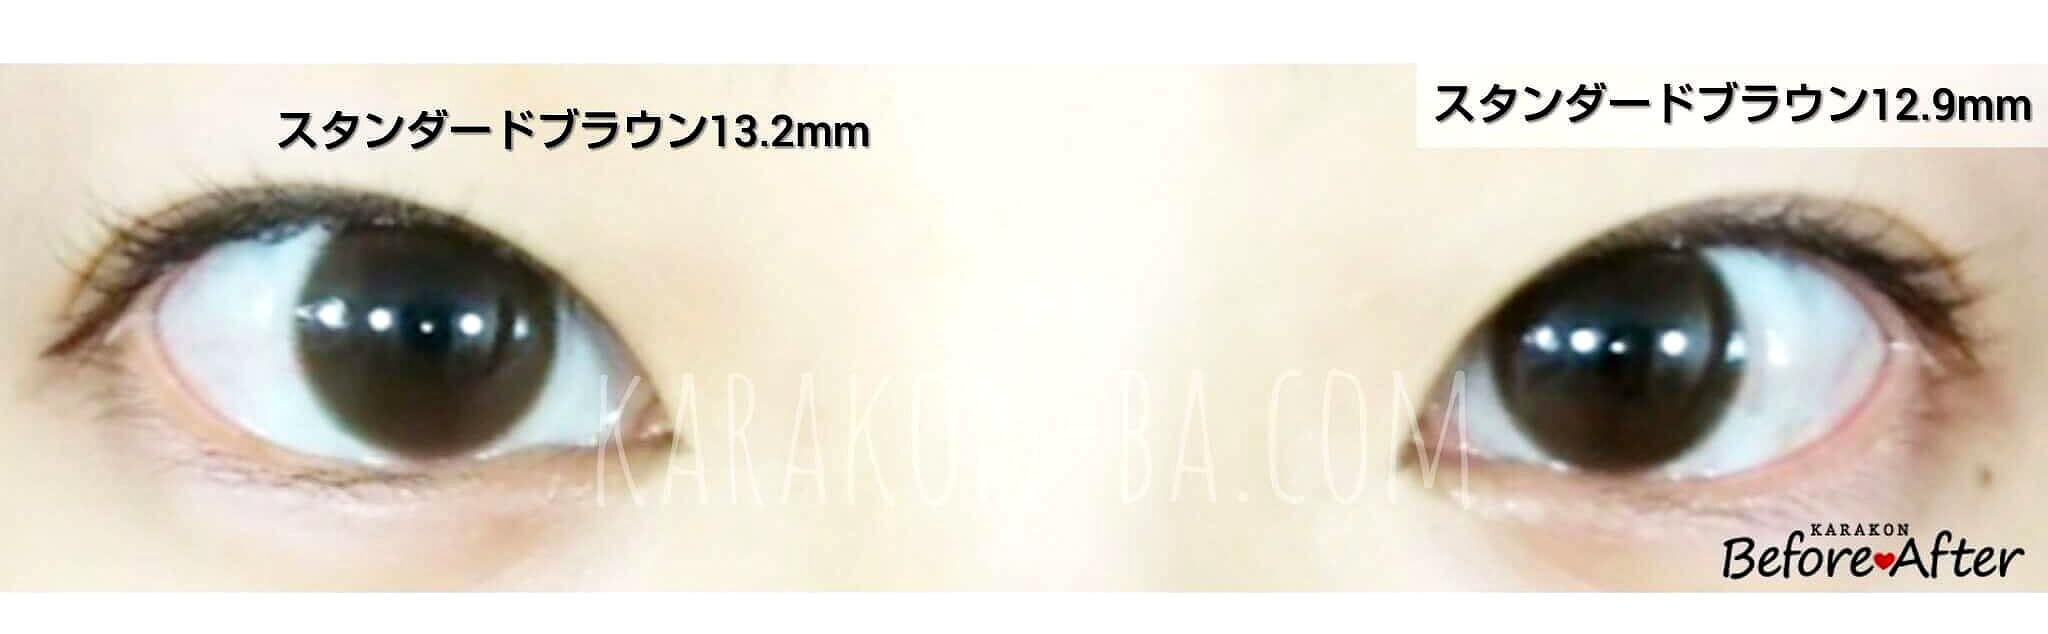 スタンダードブラウン13.2mmのカラコン装着画像